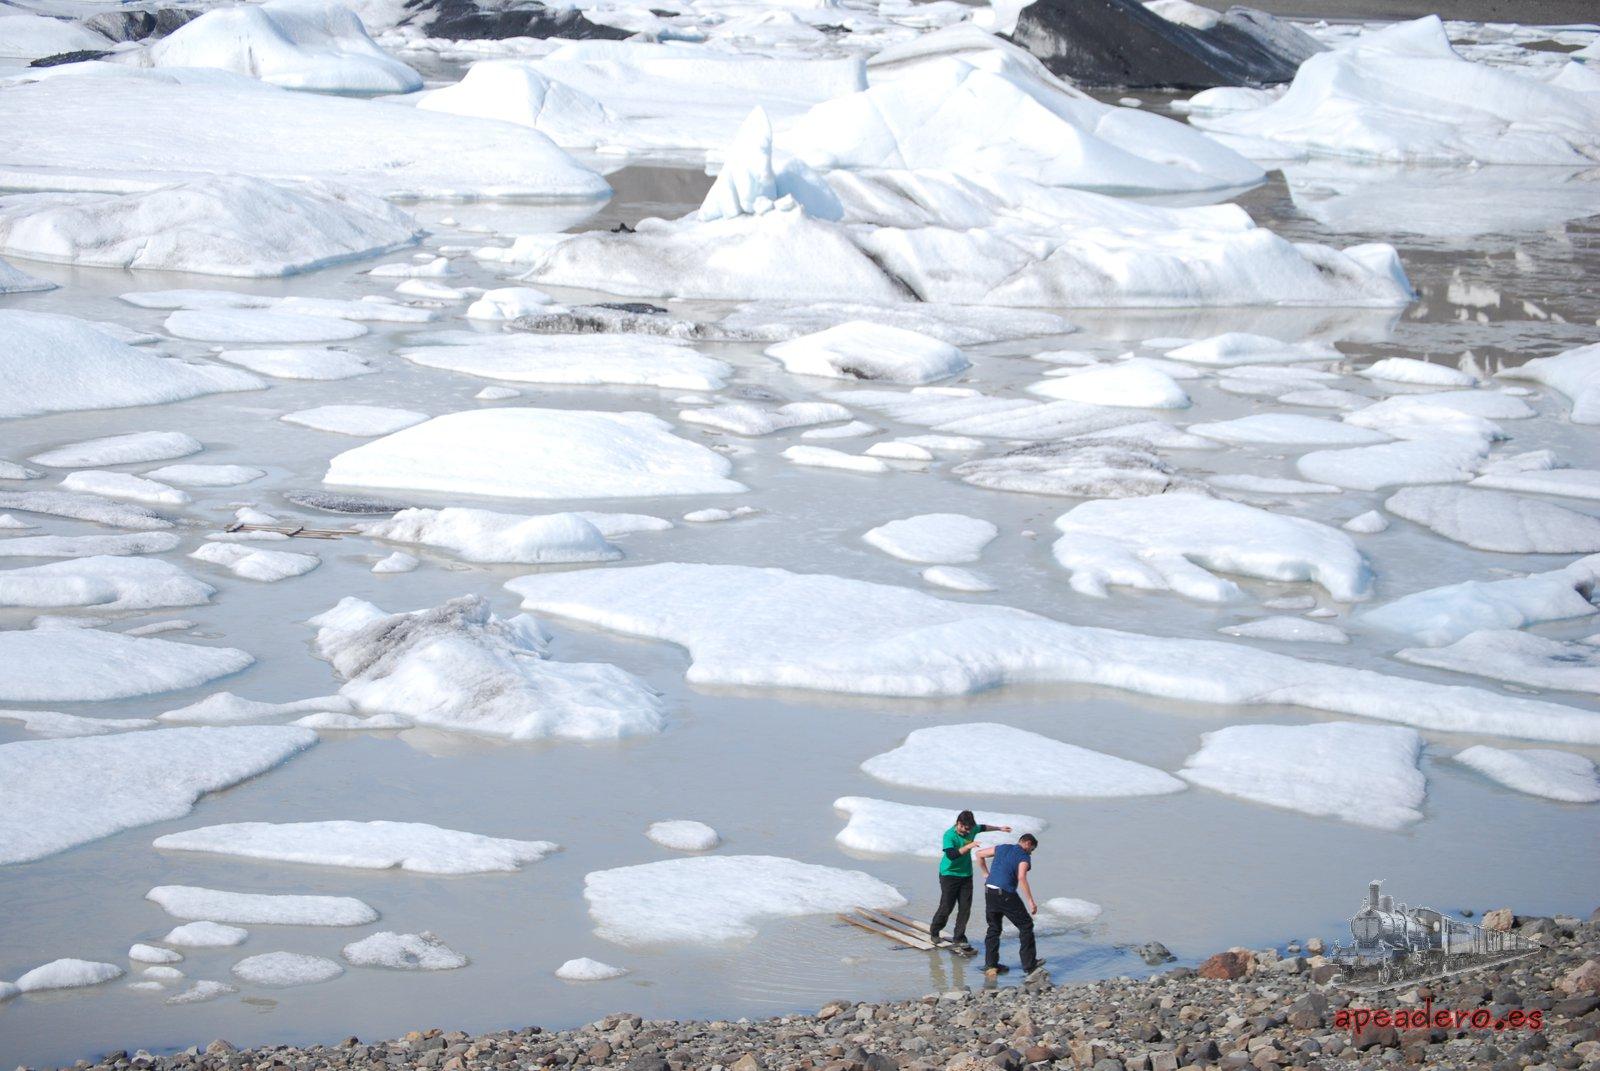 Momento del rescate. La intención era llegar a uno de esos icebergs grandes que se ven más al fondo.